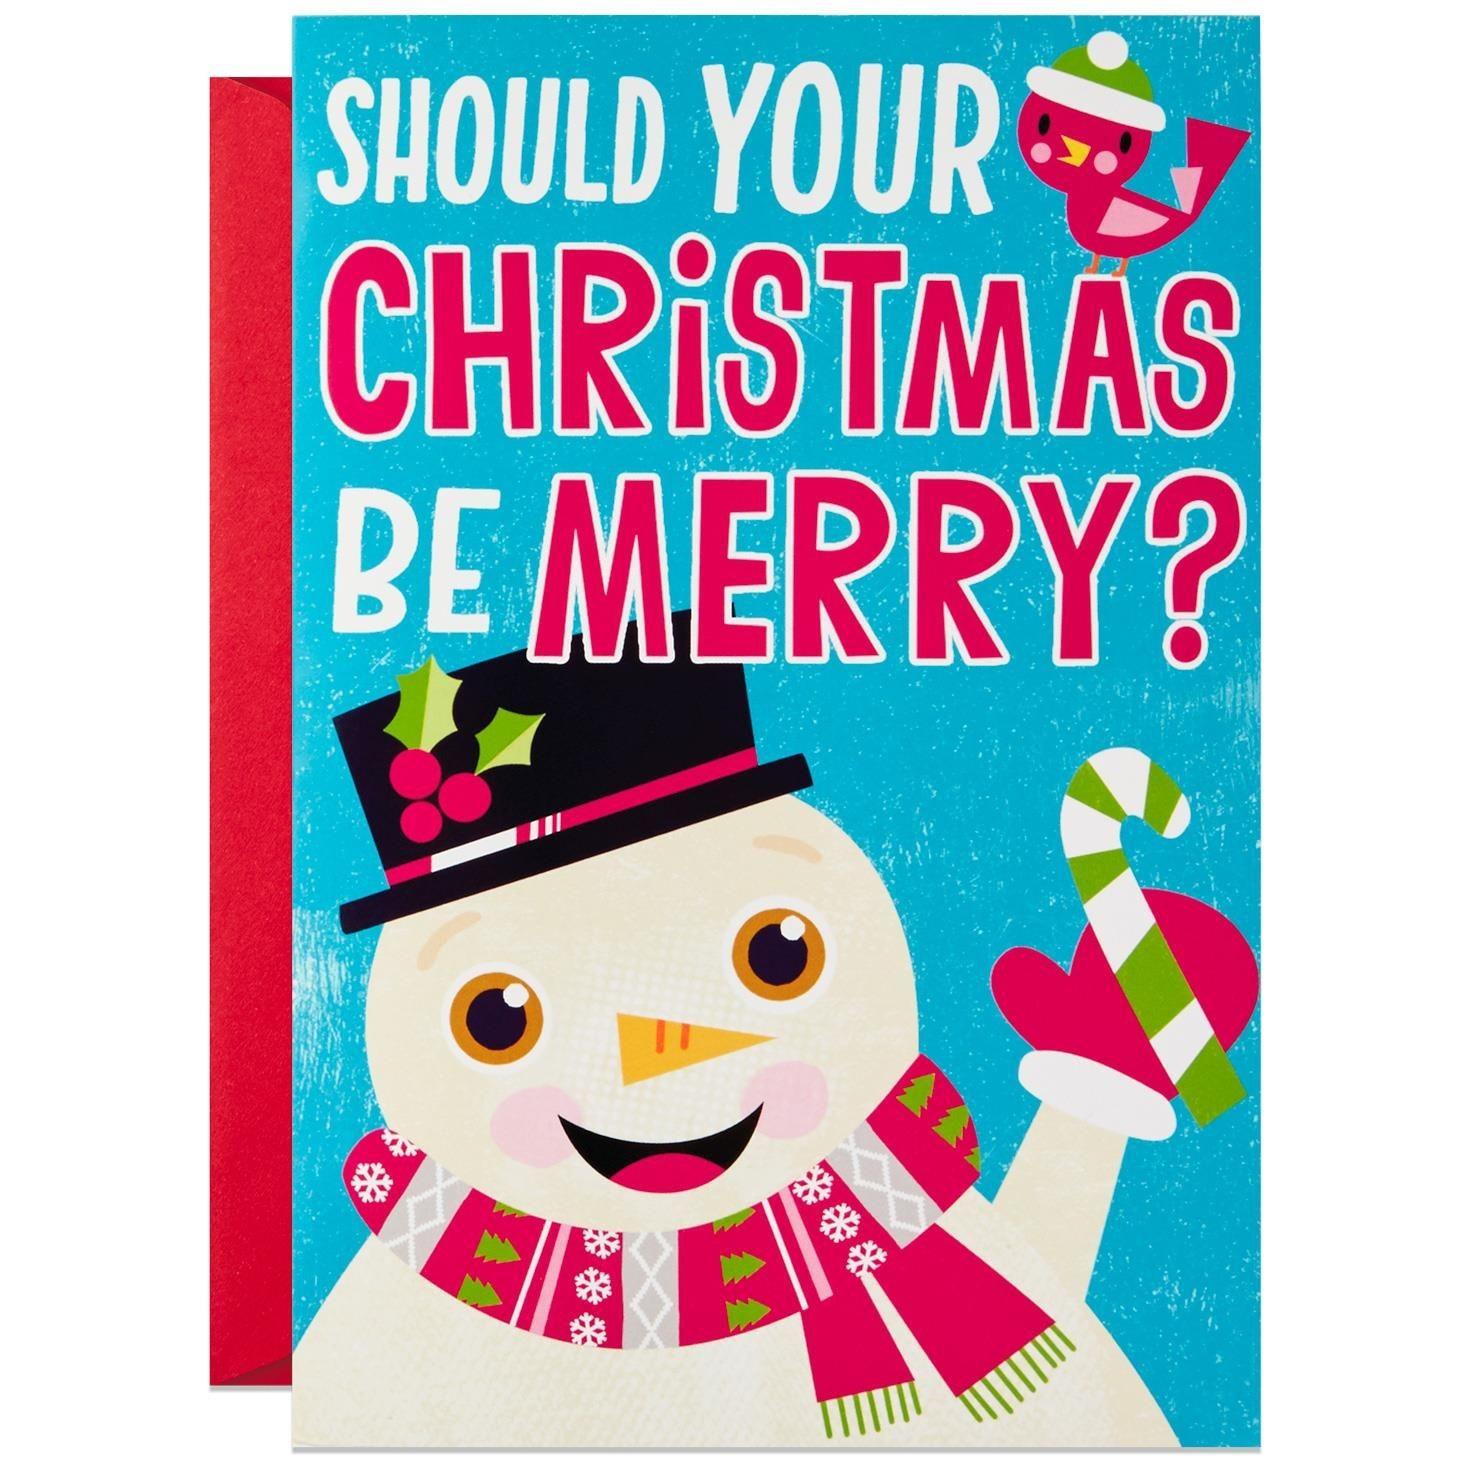 Printable Christmas Cards Free Printable Hallmark Birthday Cards - Free Printable Hallmark Birthday Cards